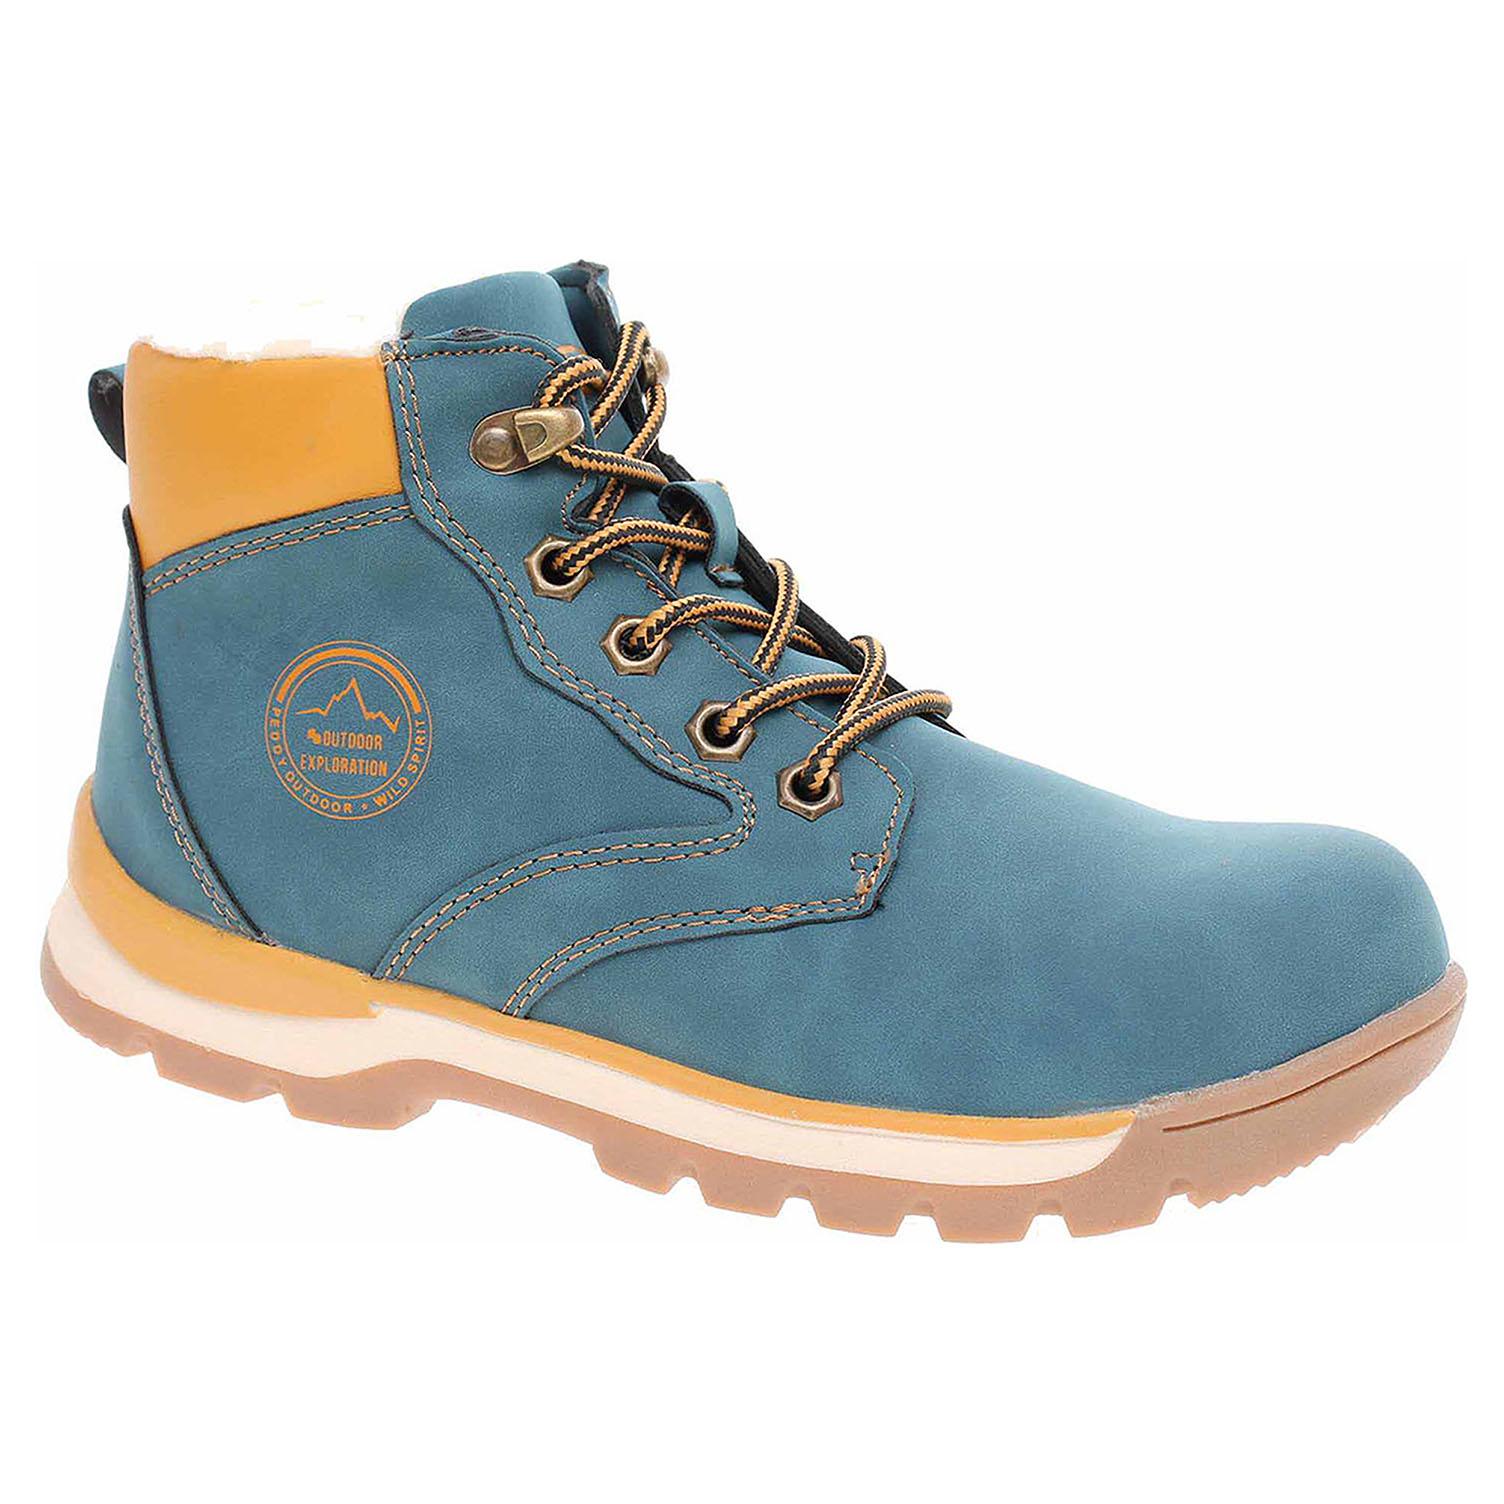 29b73ec5fbf78 Chlapecká členkové topánky Peddy P1-536-37-04 navy | REJNOK obuv